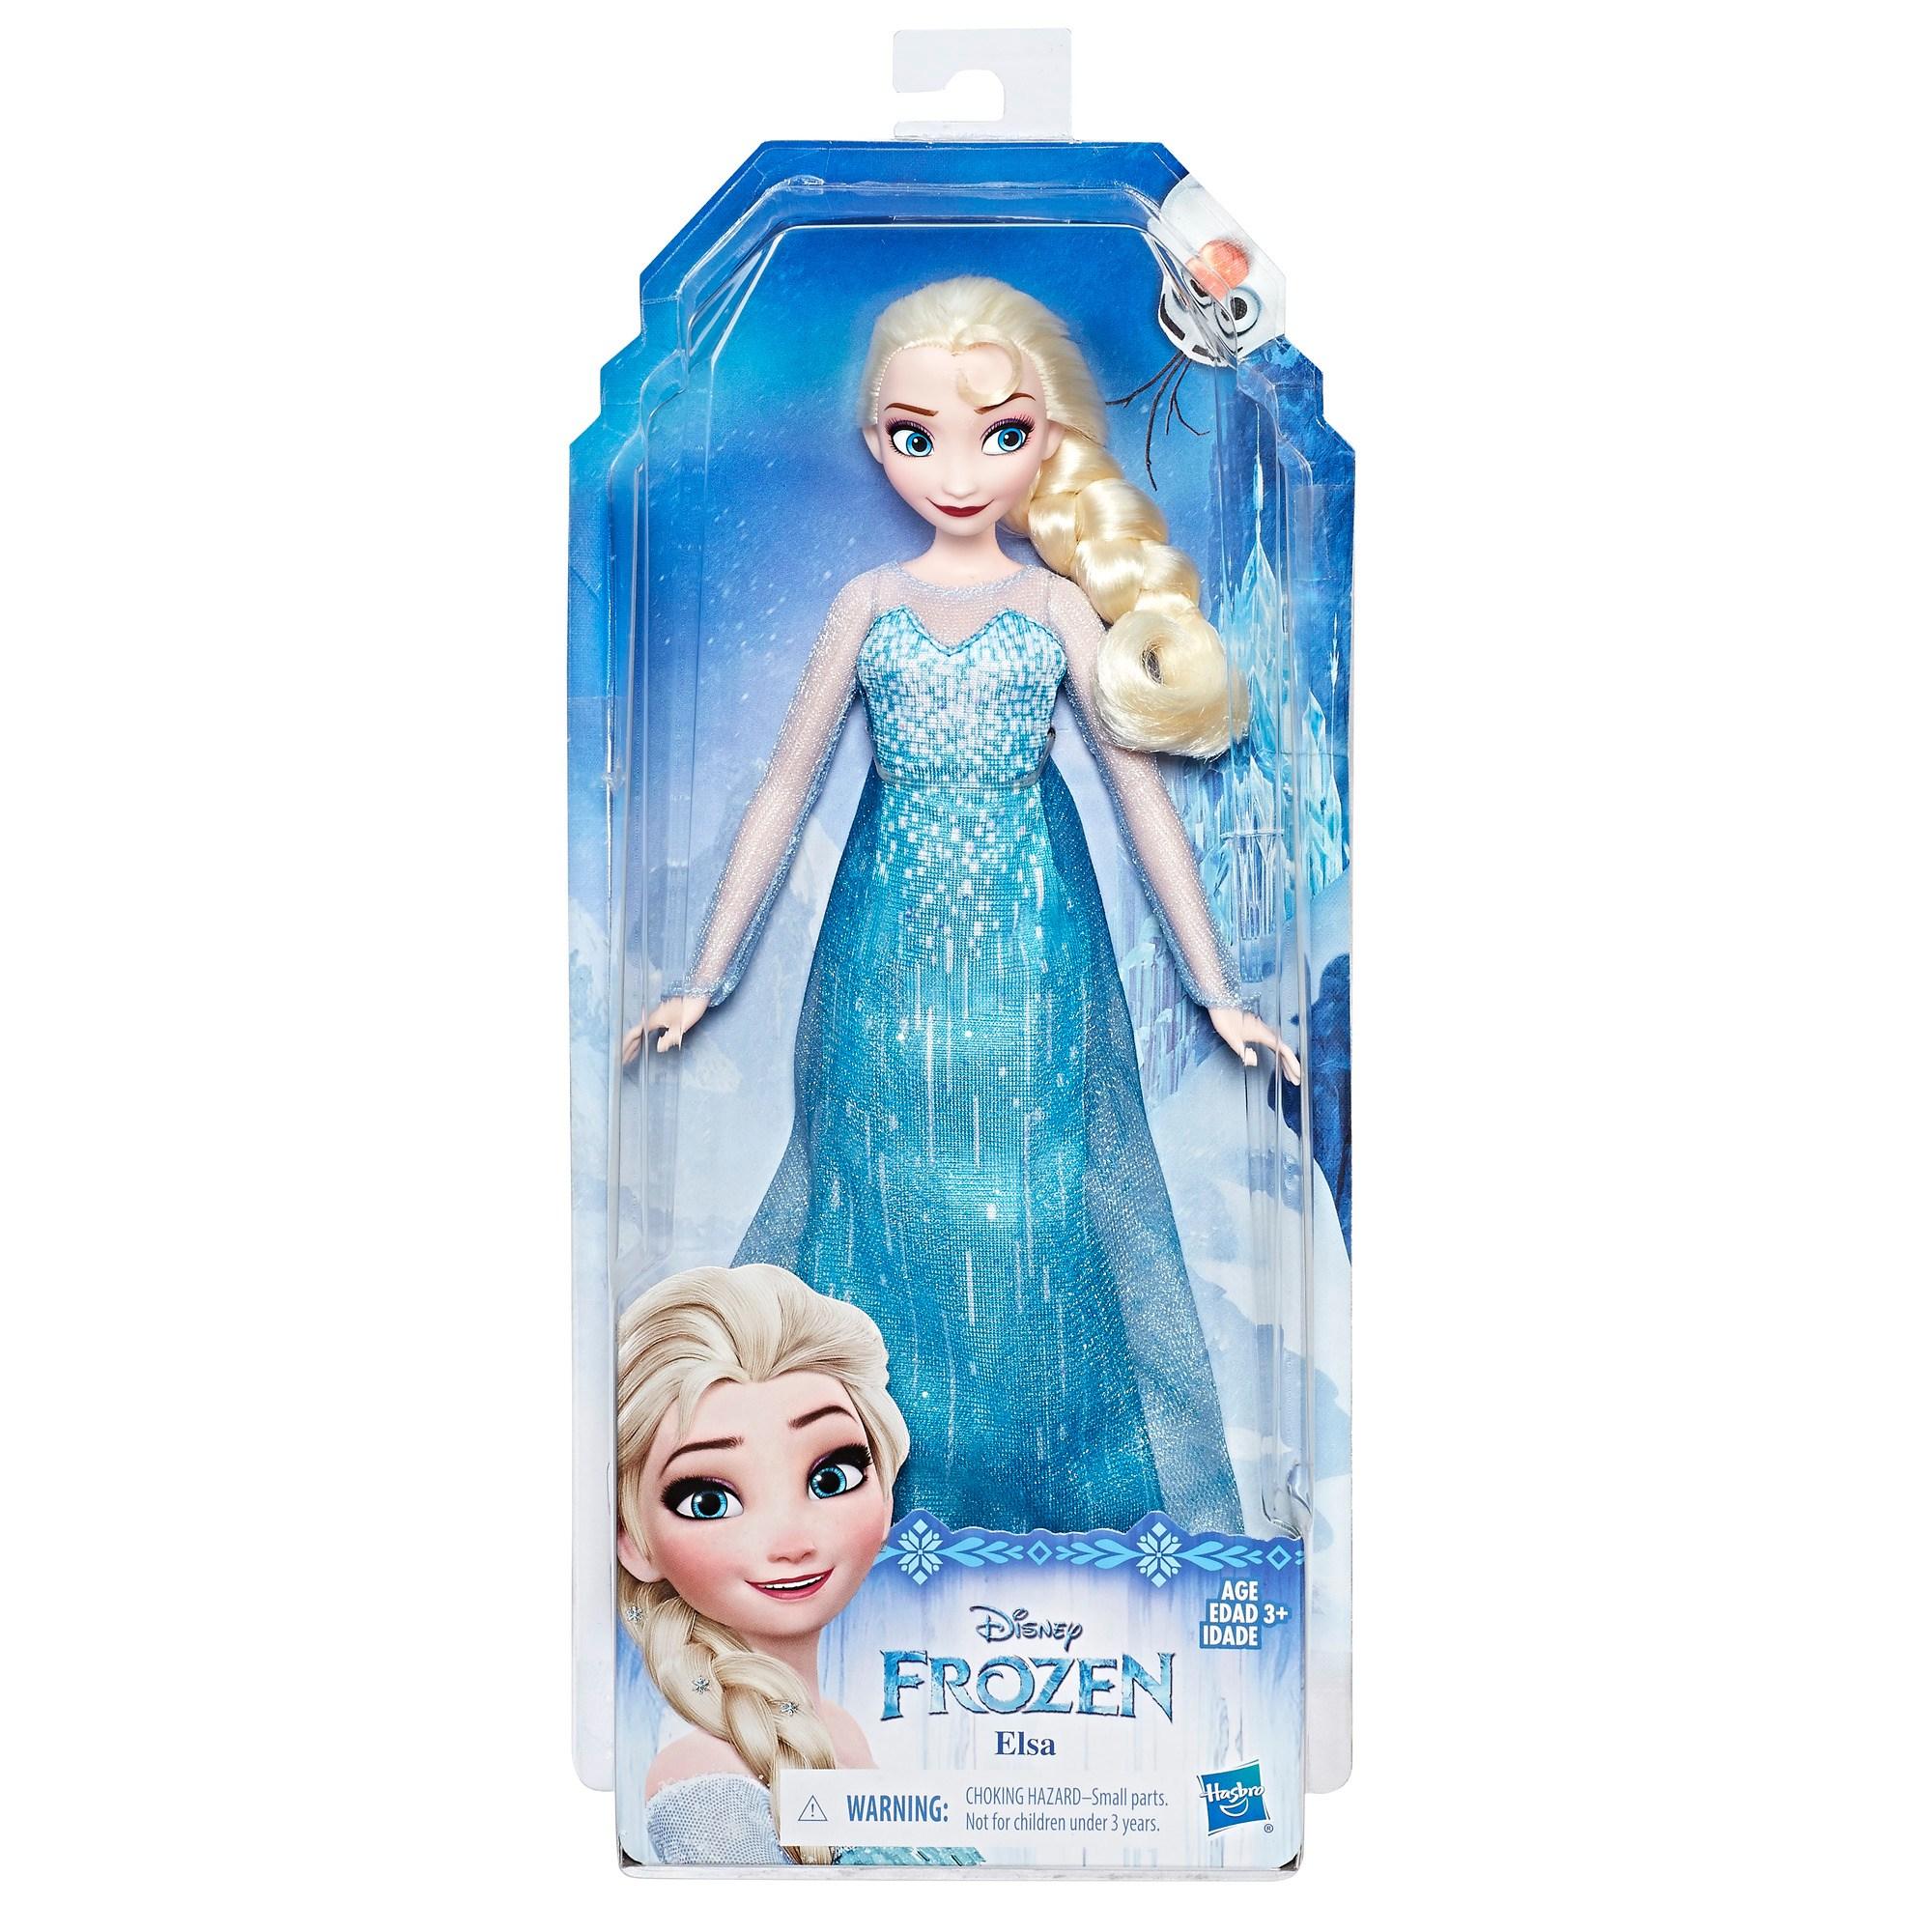 디즈니 겨울왕국 클래식 엘사 마론인형 엘사인형